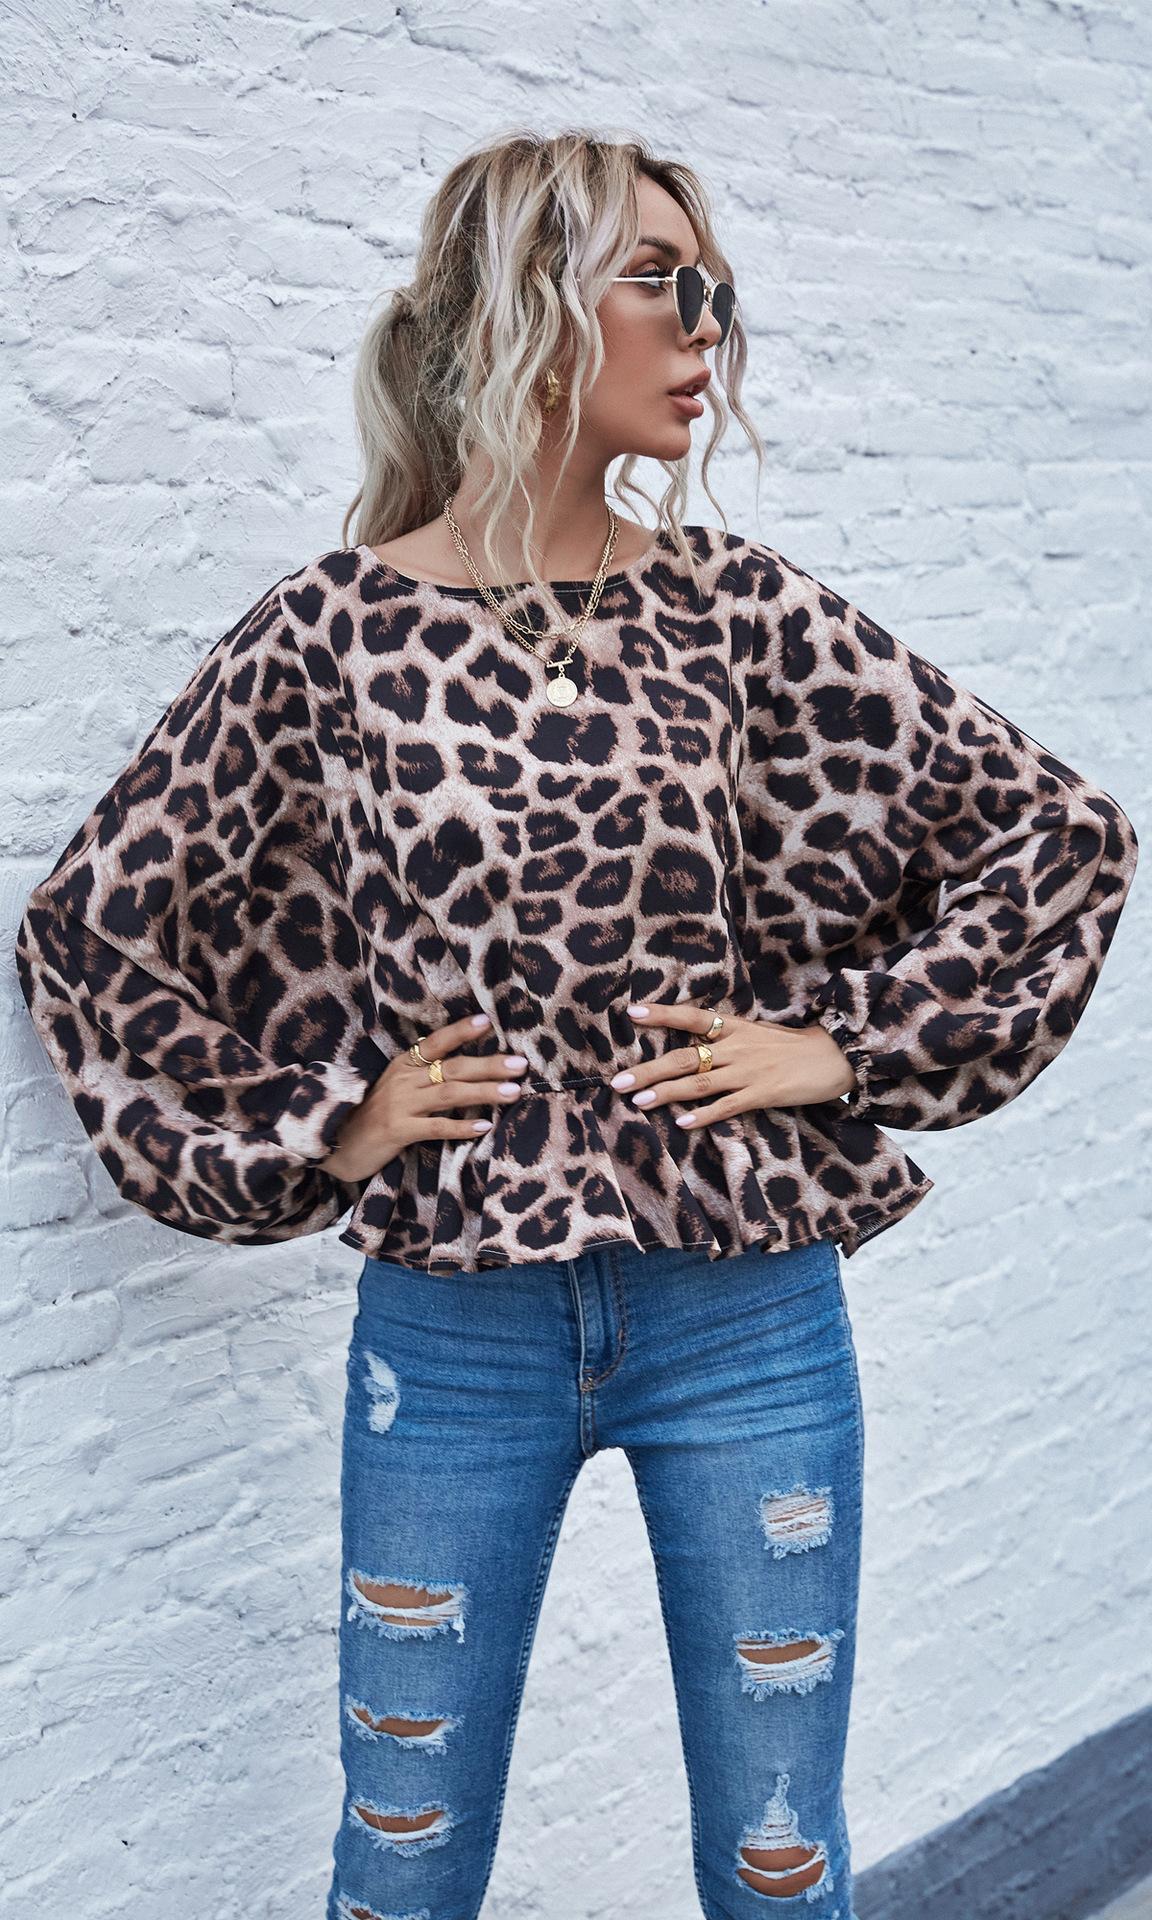 women's autumn and winter trends new leopard print bat shirt long-sleeved shirt NSYD3747